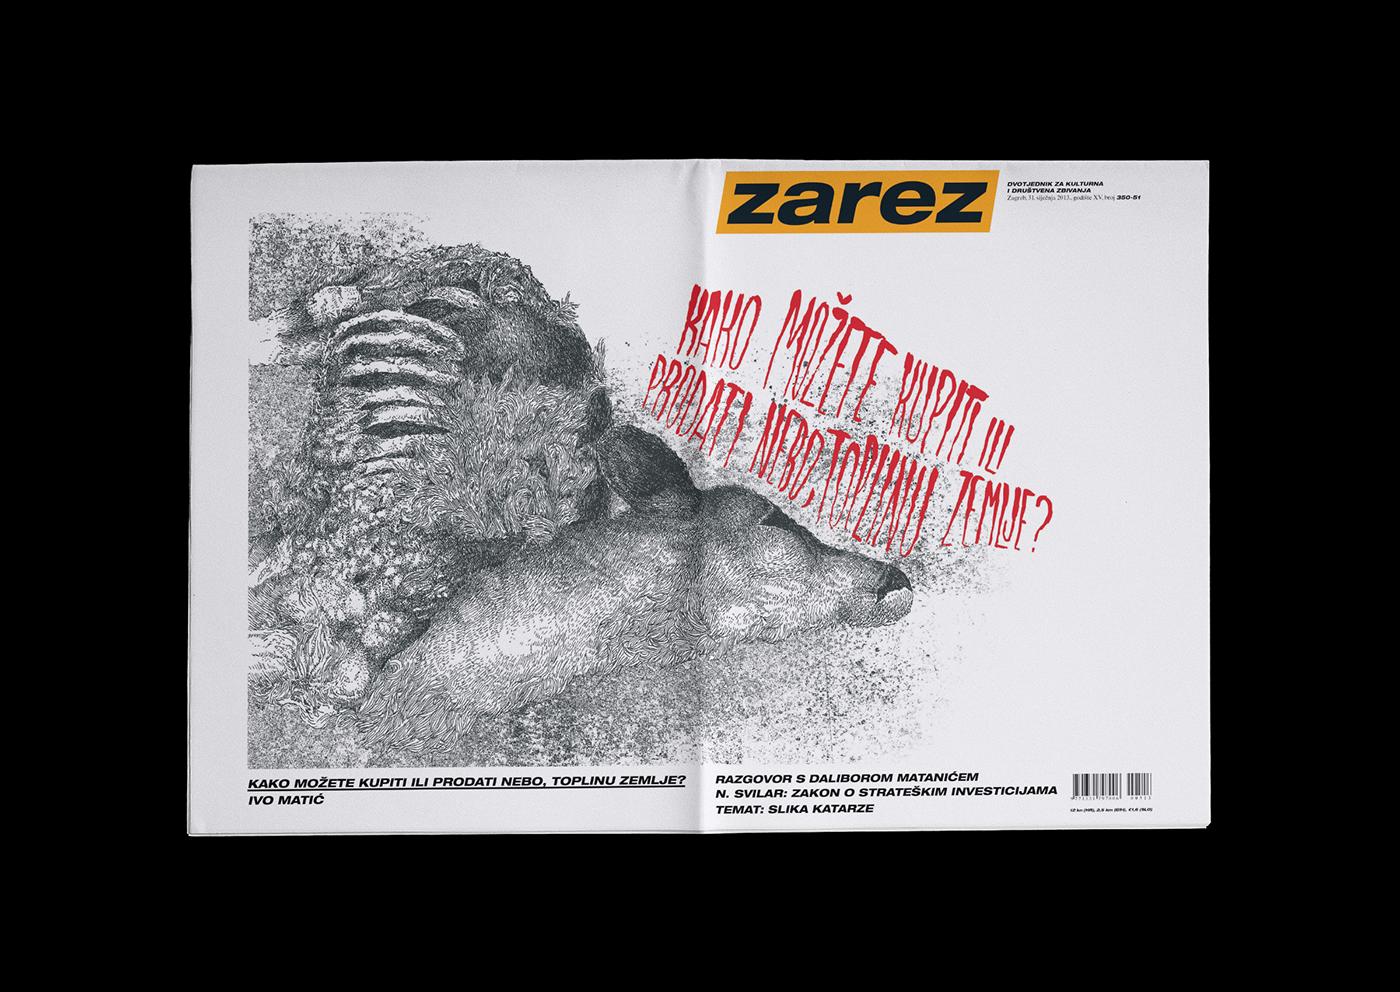 Zarez - Naslovnica / Cover